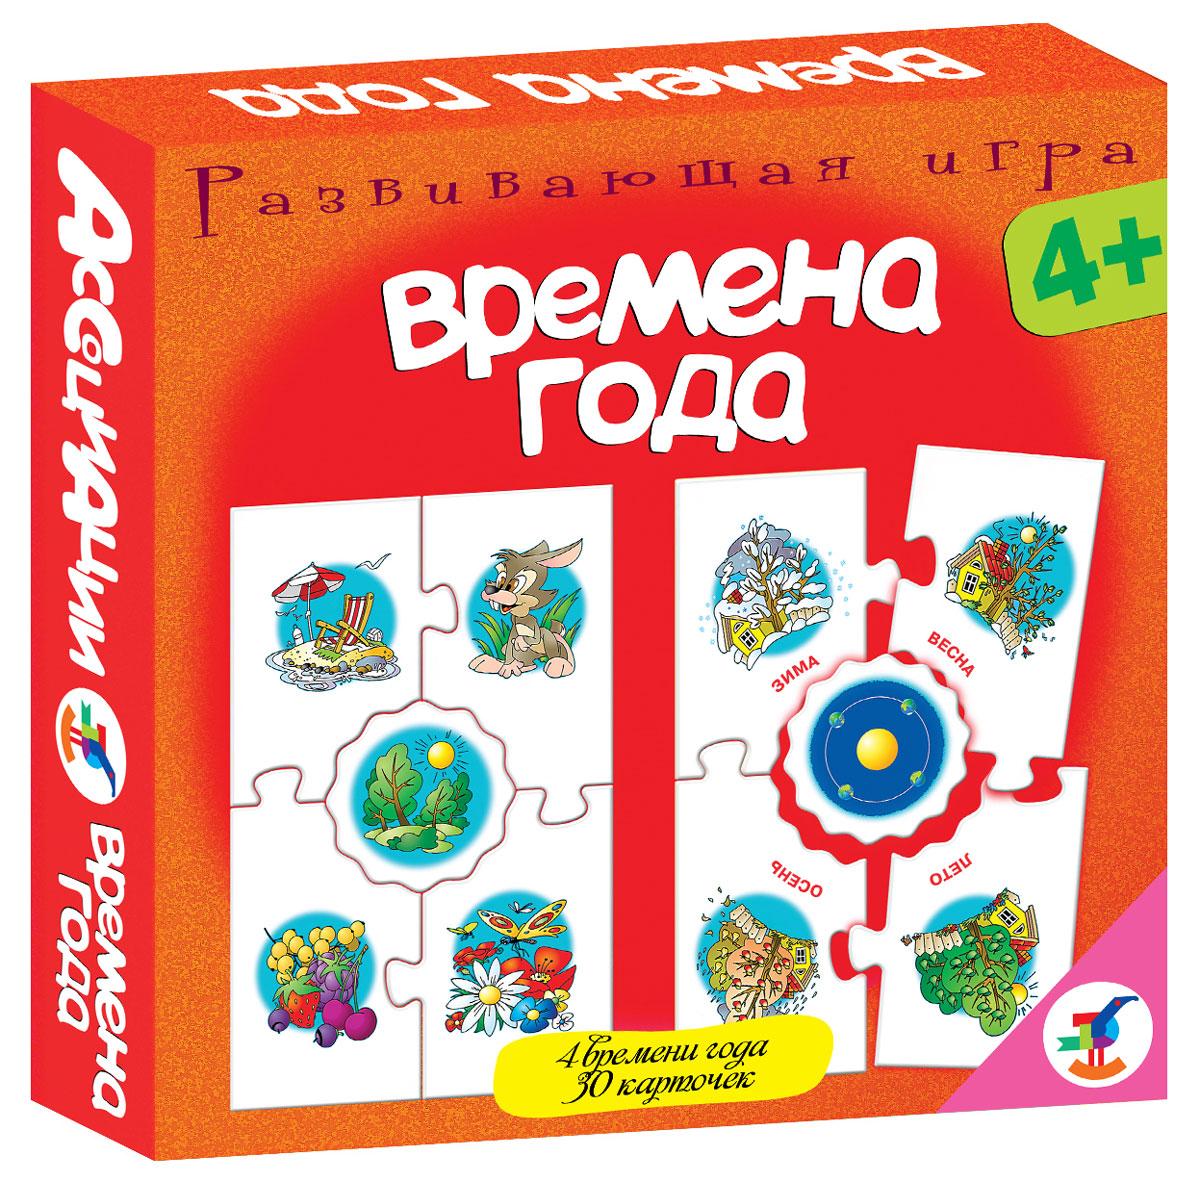 Дрофа-Медиа Пазл для малышей Ассоциации Времена года2919Пазл для малышей Дрофа-Медиа Ассоциации. Времена года - увлекательная красочная игра, которая станет отличным помощником в формировании ассоциативного мышления детей. В комплекте 30карточек (4 времени года), которые скрепляются между собой по принципу пазла, на одной части карточек изображены разные времена года , на другой - признаки, по которым они сменяют друг друга. Малышу предлагается соединить карточки таким образом, чтобы обе половинки совпадали по смыслу. Фигурная форма карточек поможет проверить правильность ответа: если допущена ошибка, пазловый замок не соединится. Игра знакомит с способствуют развитию внимания и памяти, расширяет кругозор.